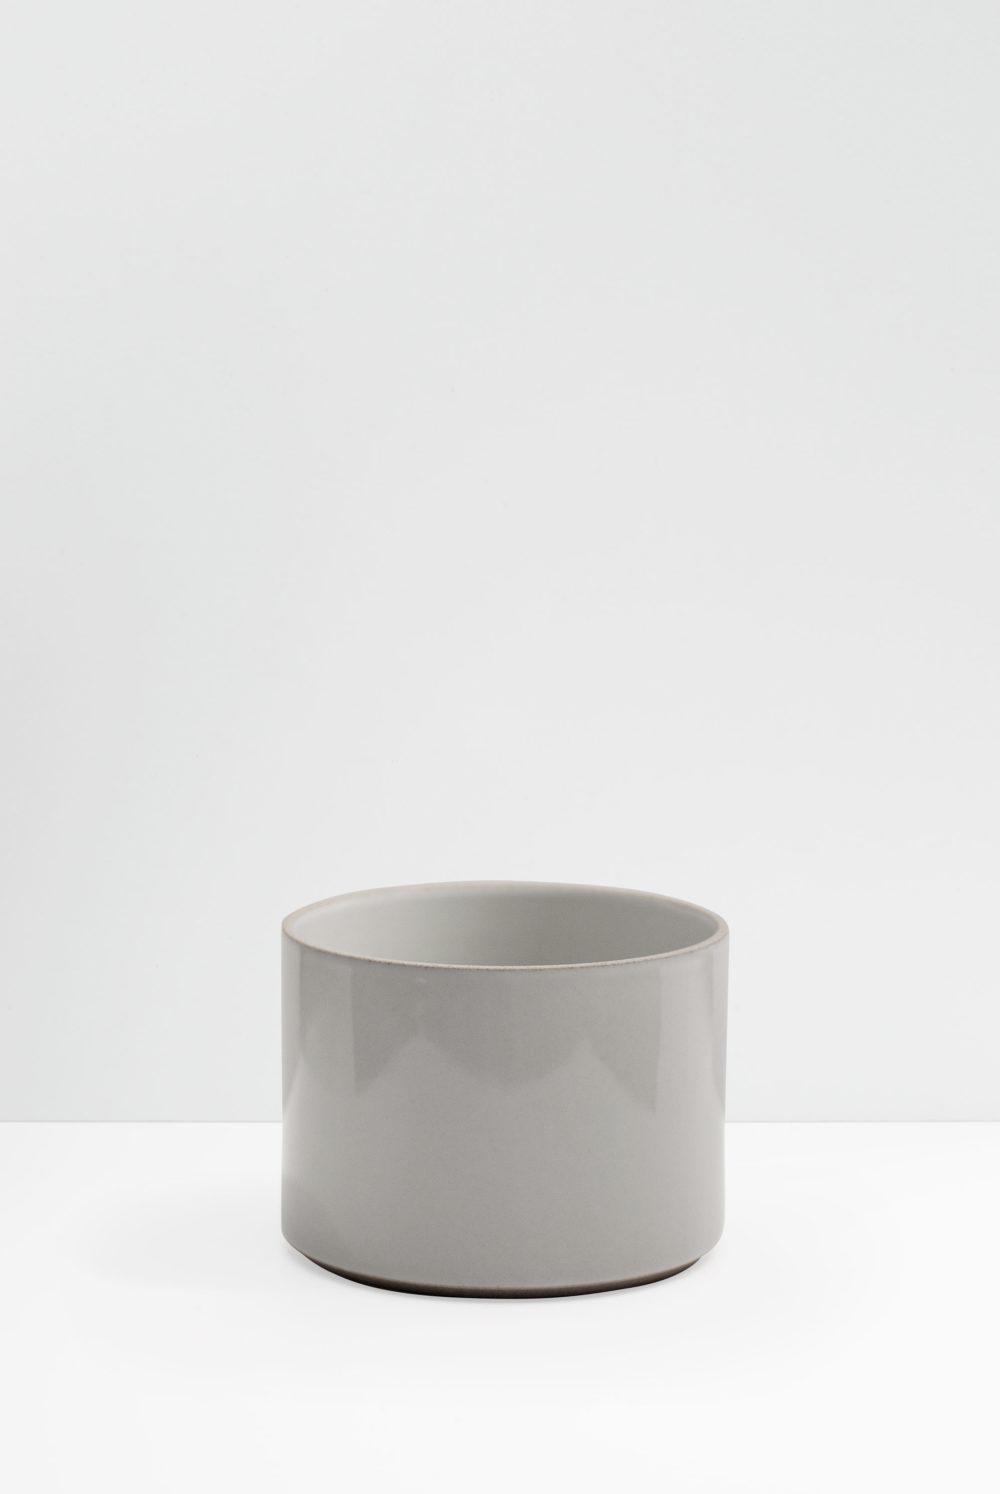 Hasam Porcelain planter gray glazed